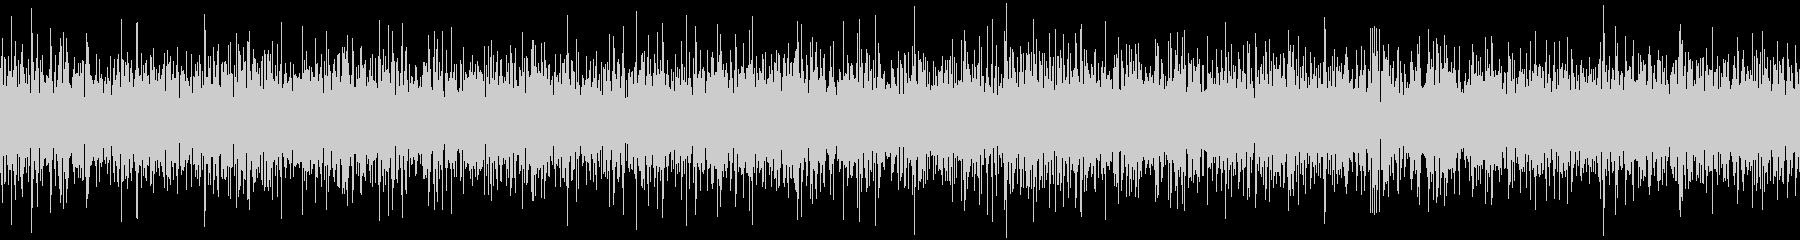 ザァー(AMラジオのノイズB)ループ処理の未再生の波形